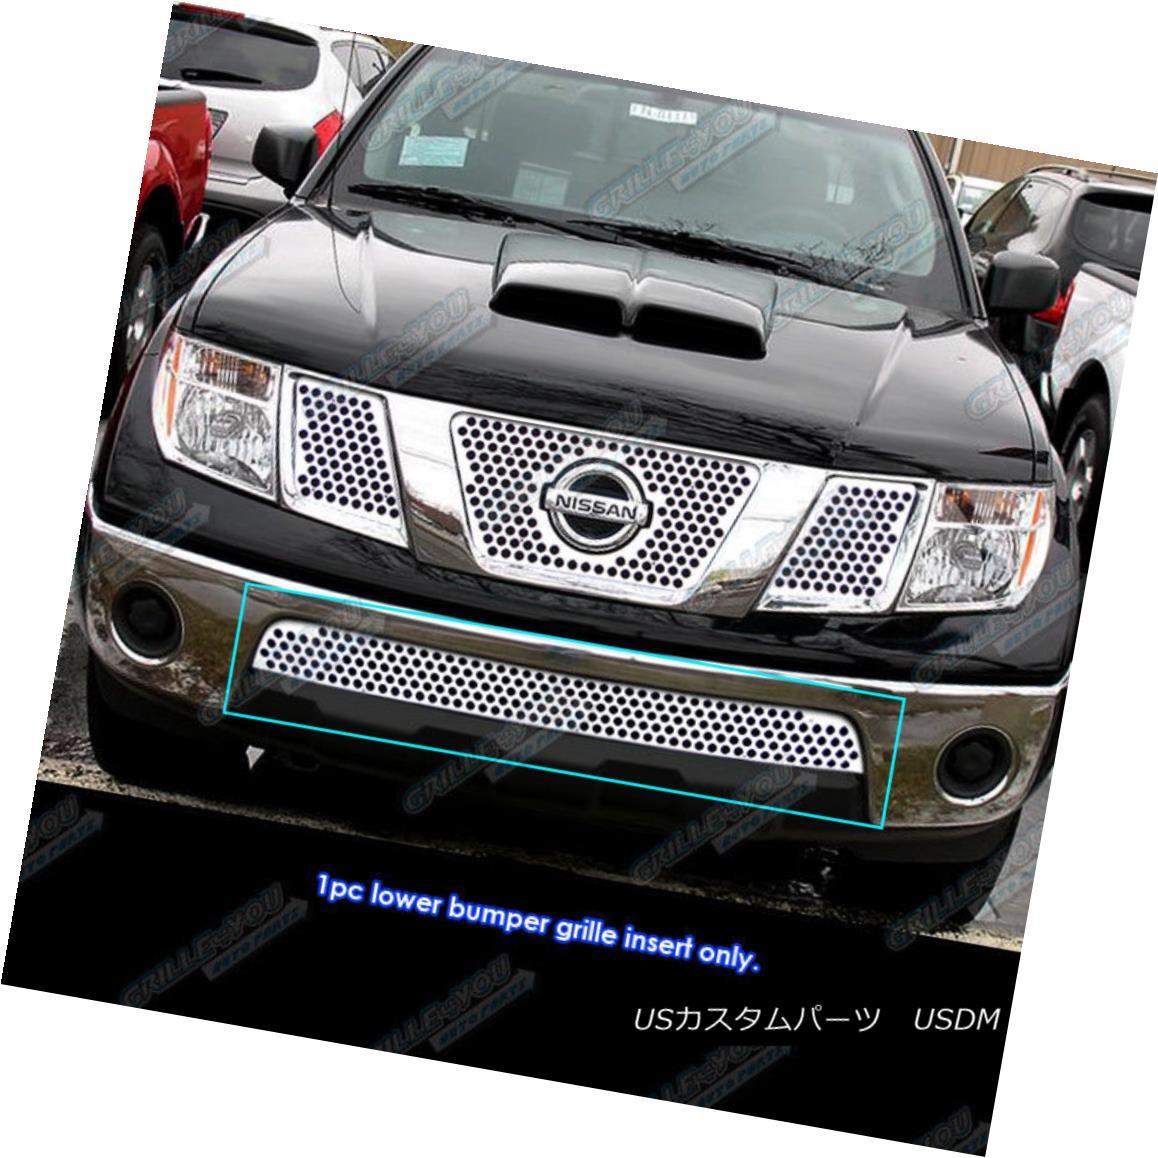 グリル For 2005-2017 Nissan Frontier/05-07 Pathfinder Bumper Punch Sheet Grille Insert 2005-2017日産フロンティア/ 05-07パスファインダーバンパーパンチシートグリルインサート